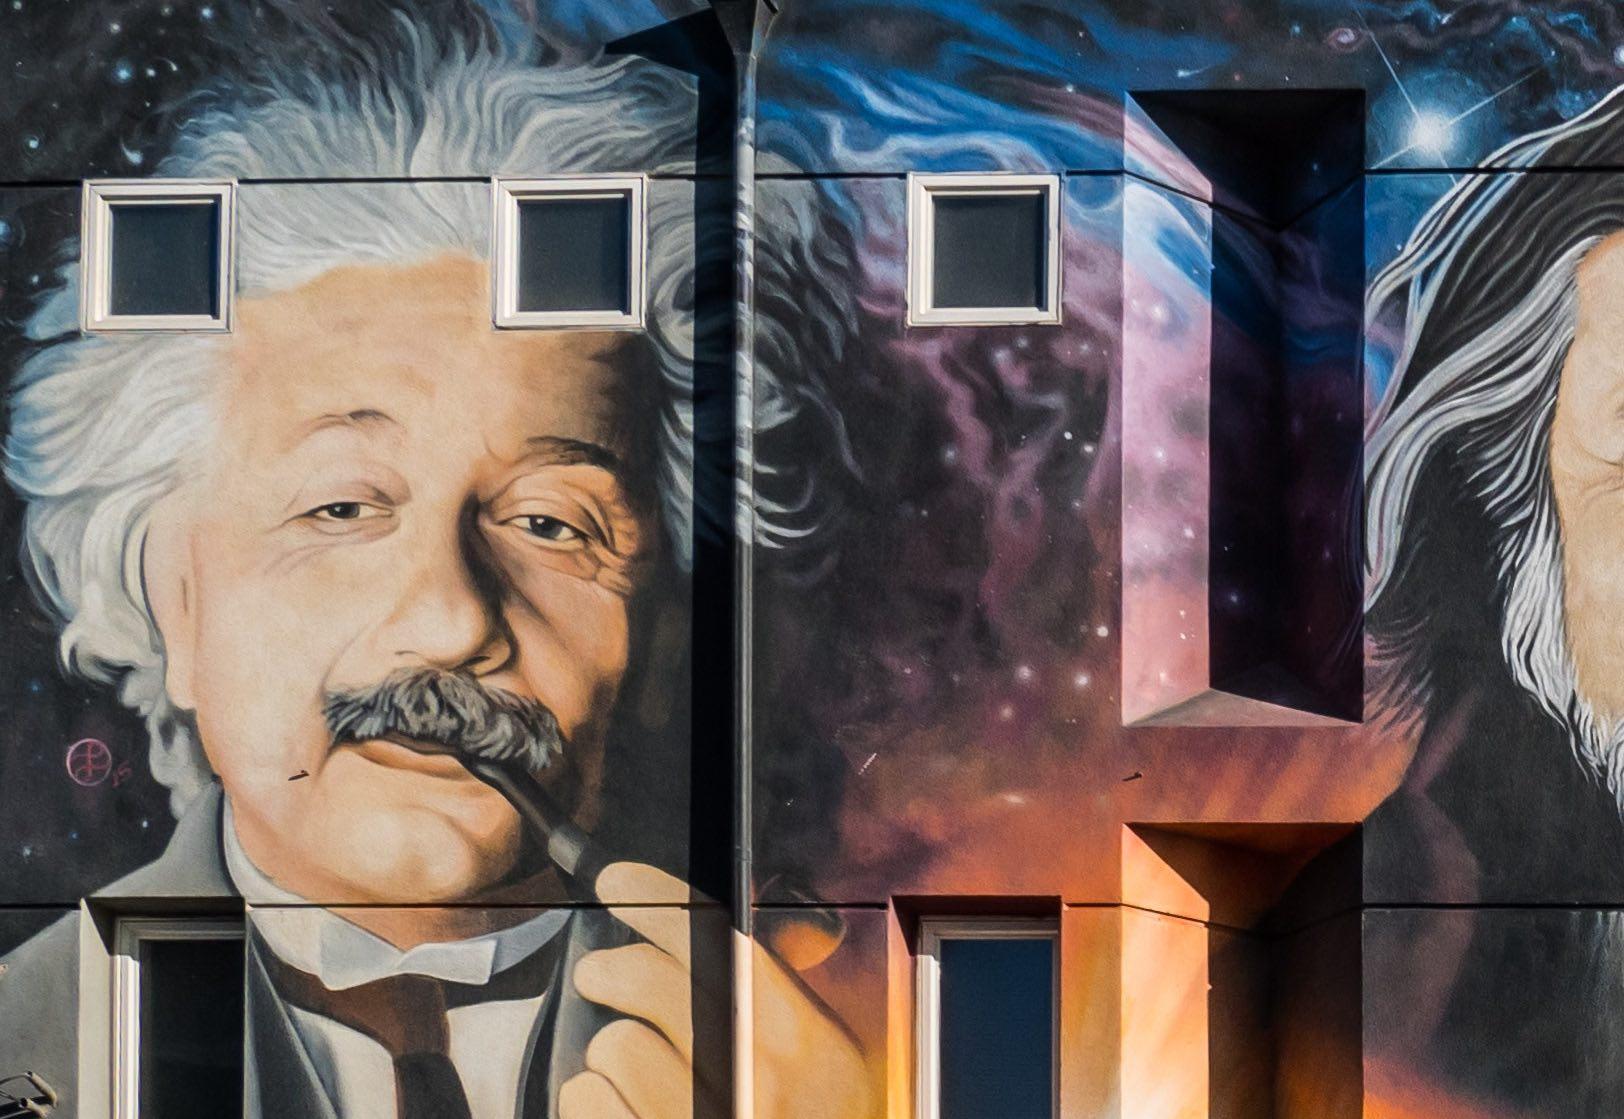 Este acertijo de Einstein sólo lo resuelve el 2% de la gente, ¿eres uno de ellos?